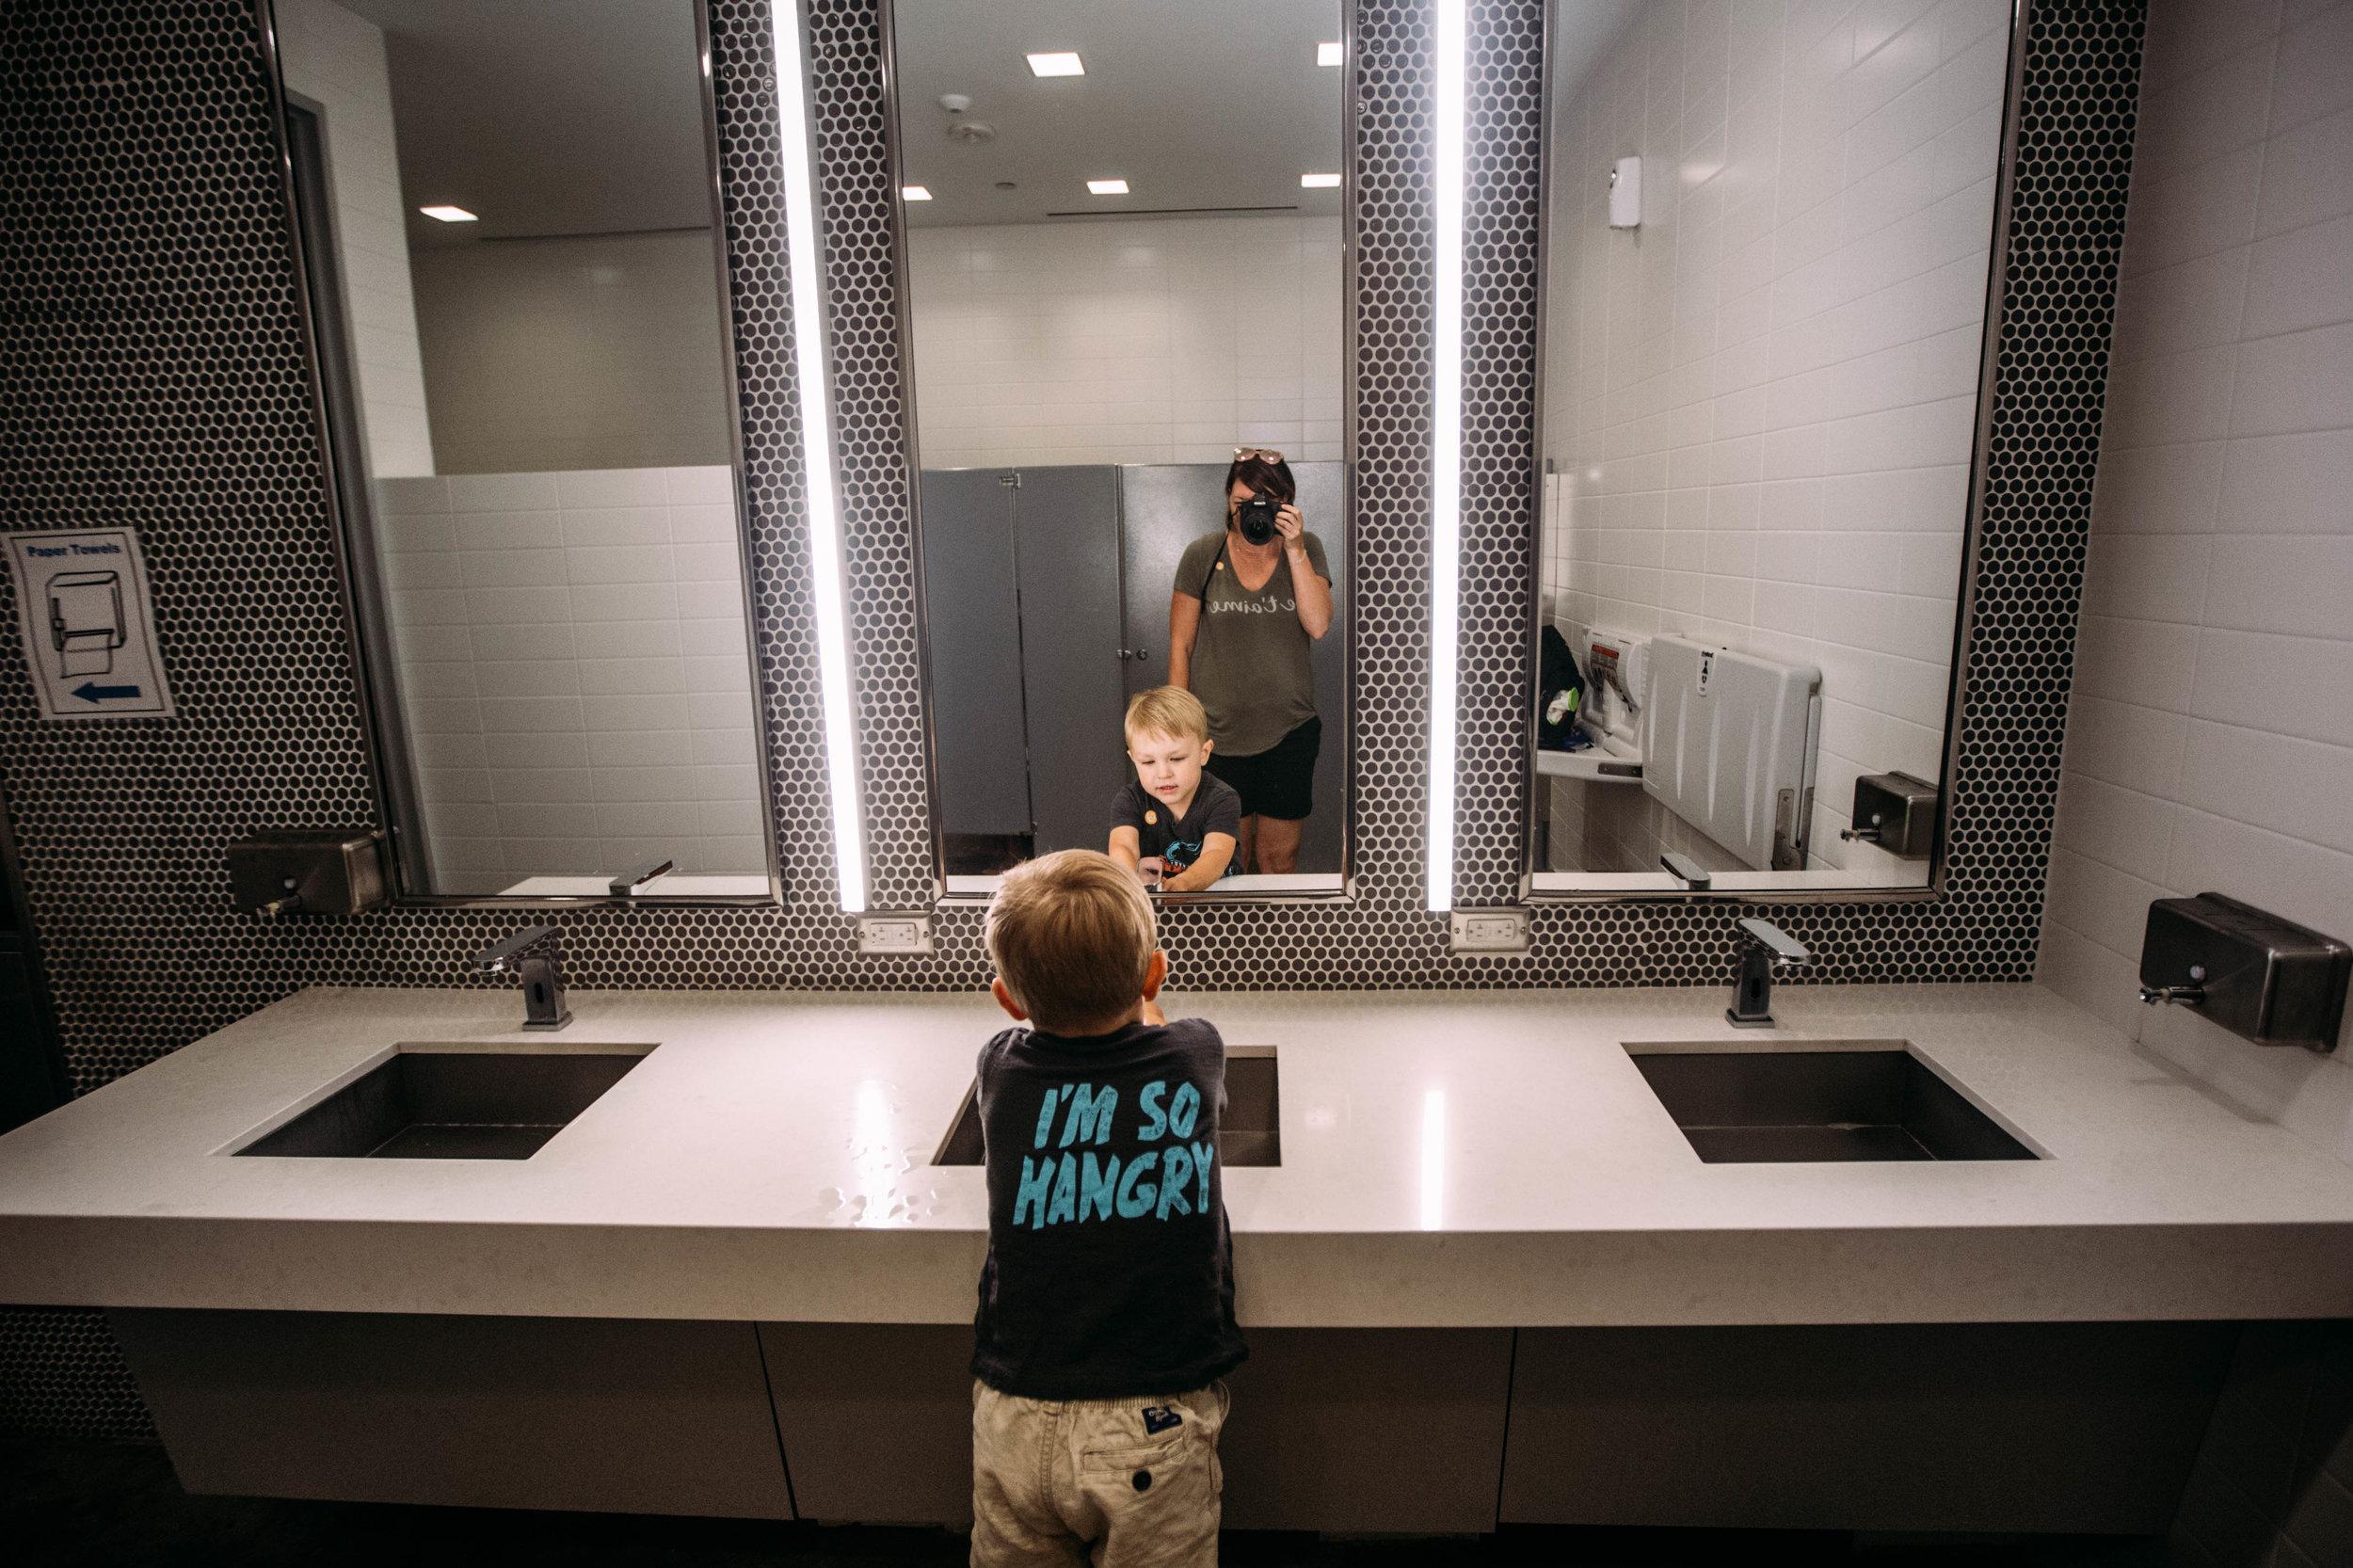 bathroom selfie-1.jpg